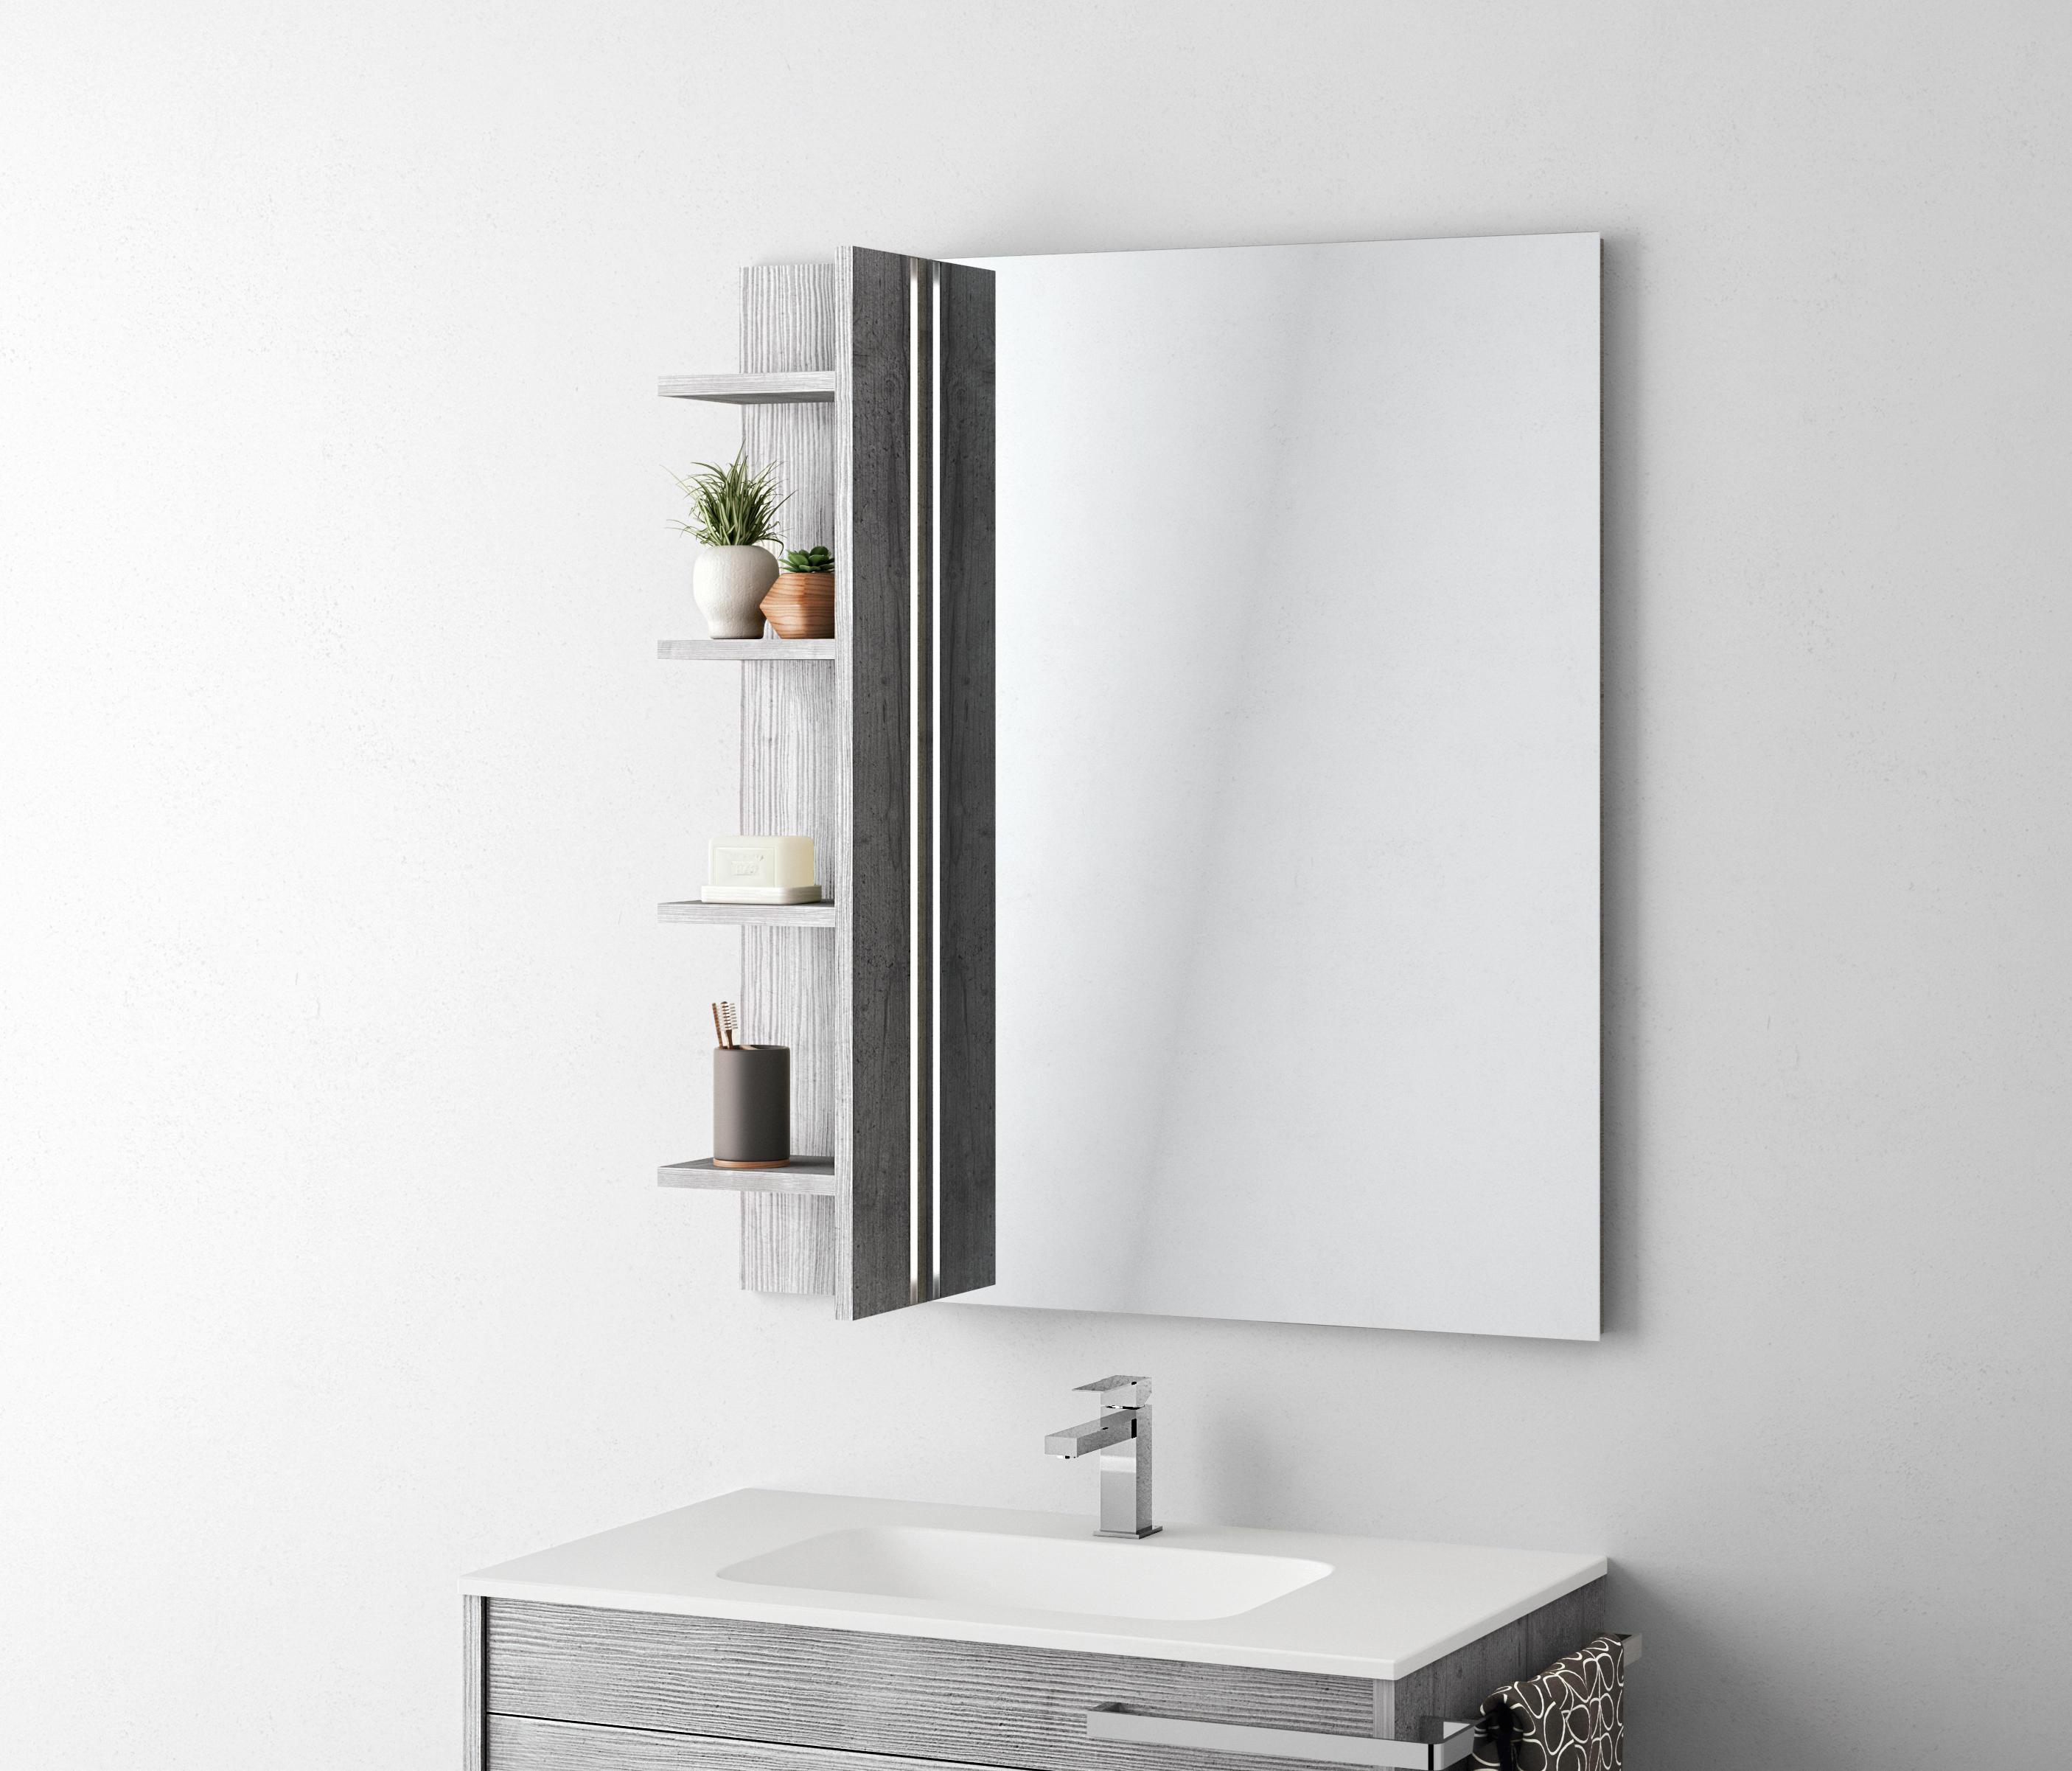 Duetto 01 mensole bagno mastella design architonic - Mensole bagno design ...